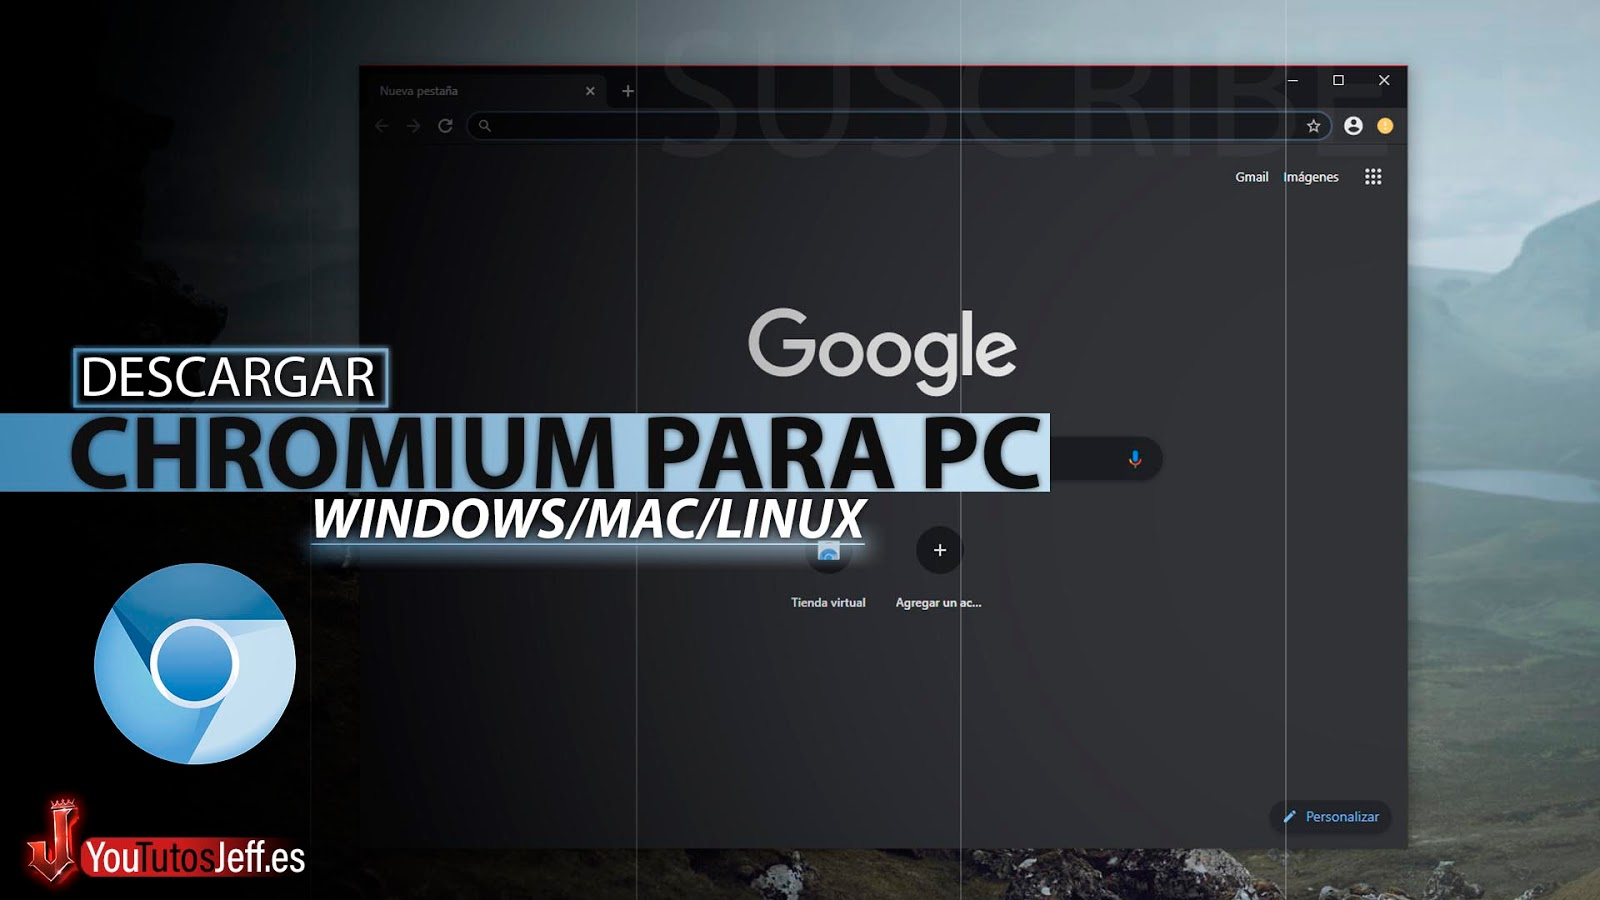 Como Descargar Chromium Ultima Versión para PC